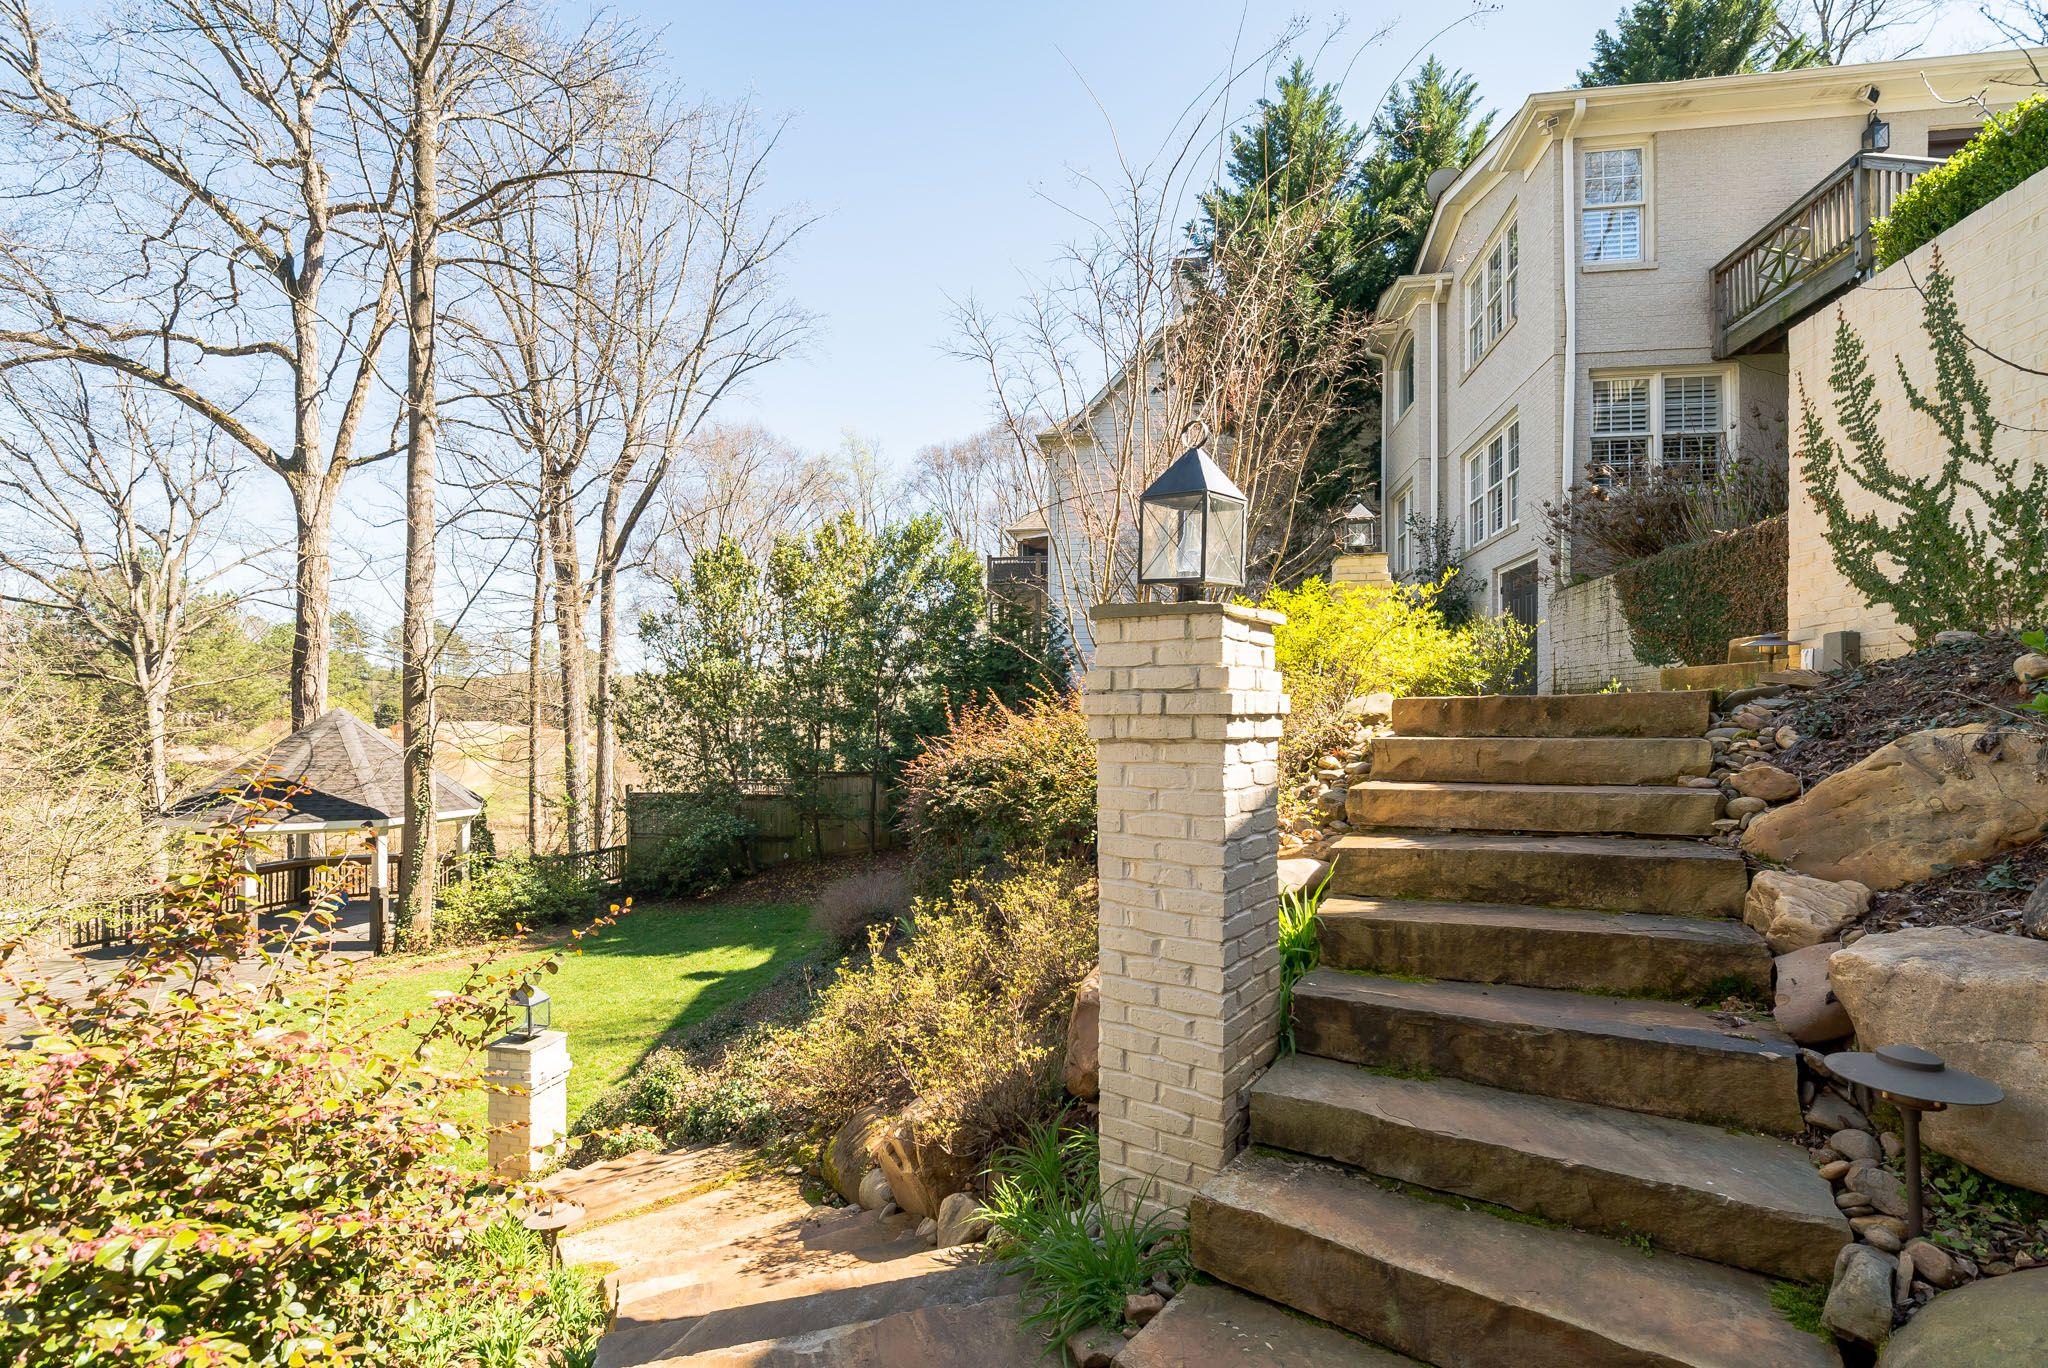 333 Riverside Drive | Beautiful backyards, Outdoor living ... on Riverside Outdoor Living id=90889